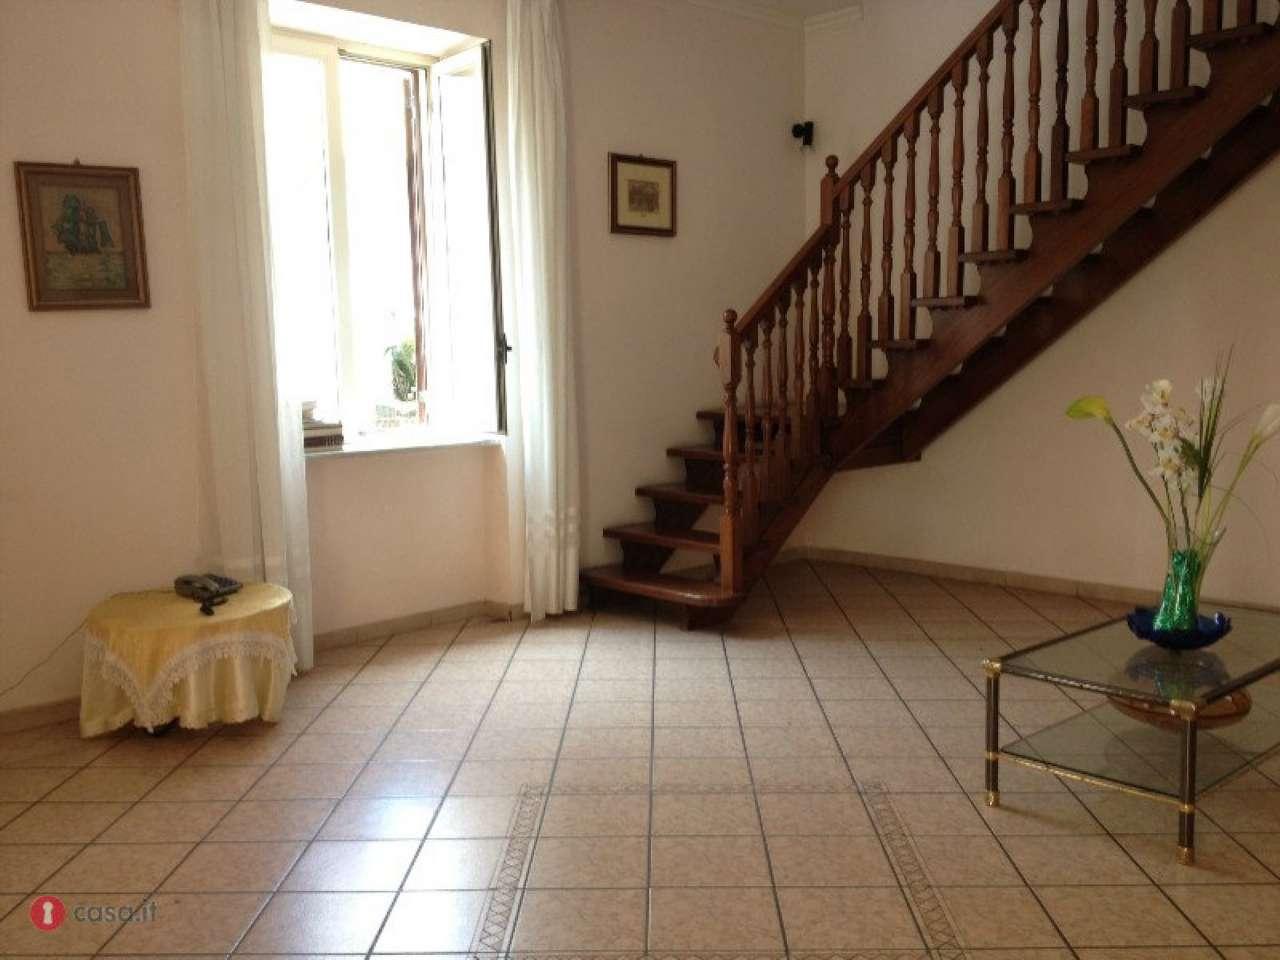 Soluzione Indipendente in vendita a Marigliano, 6 locali, prezzo € 230.000   Cambio Casa.it